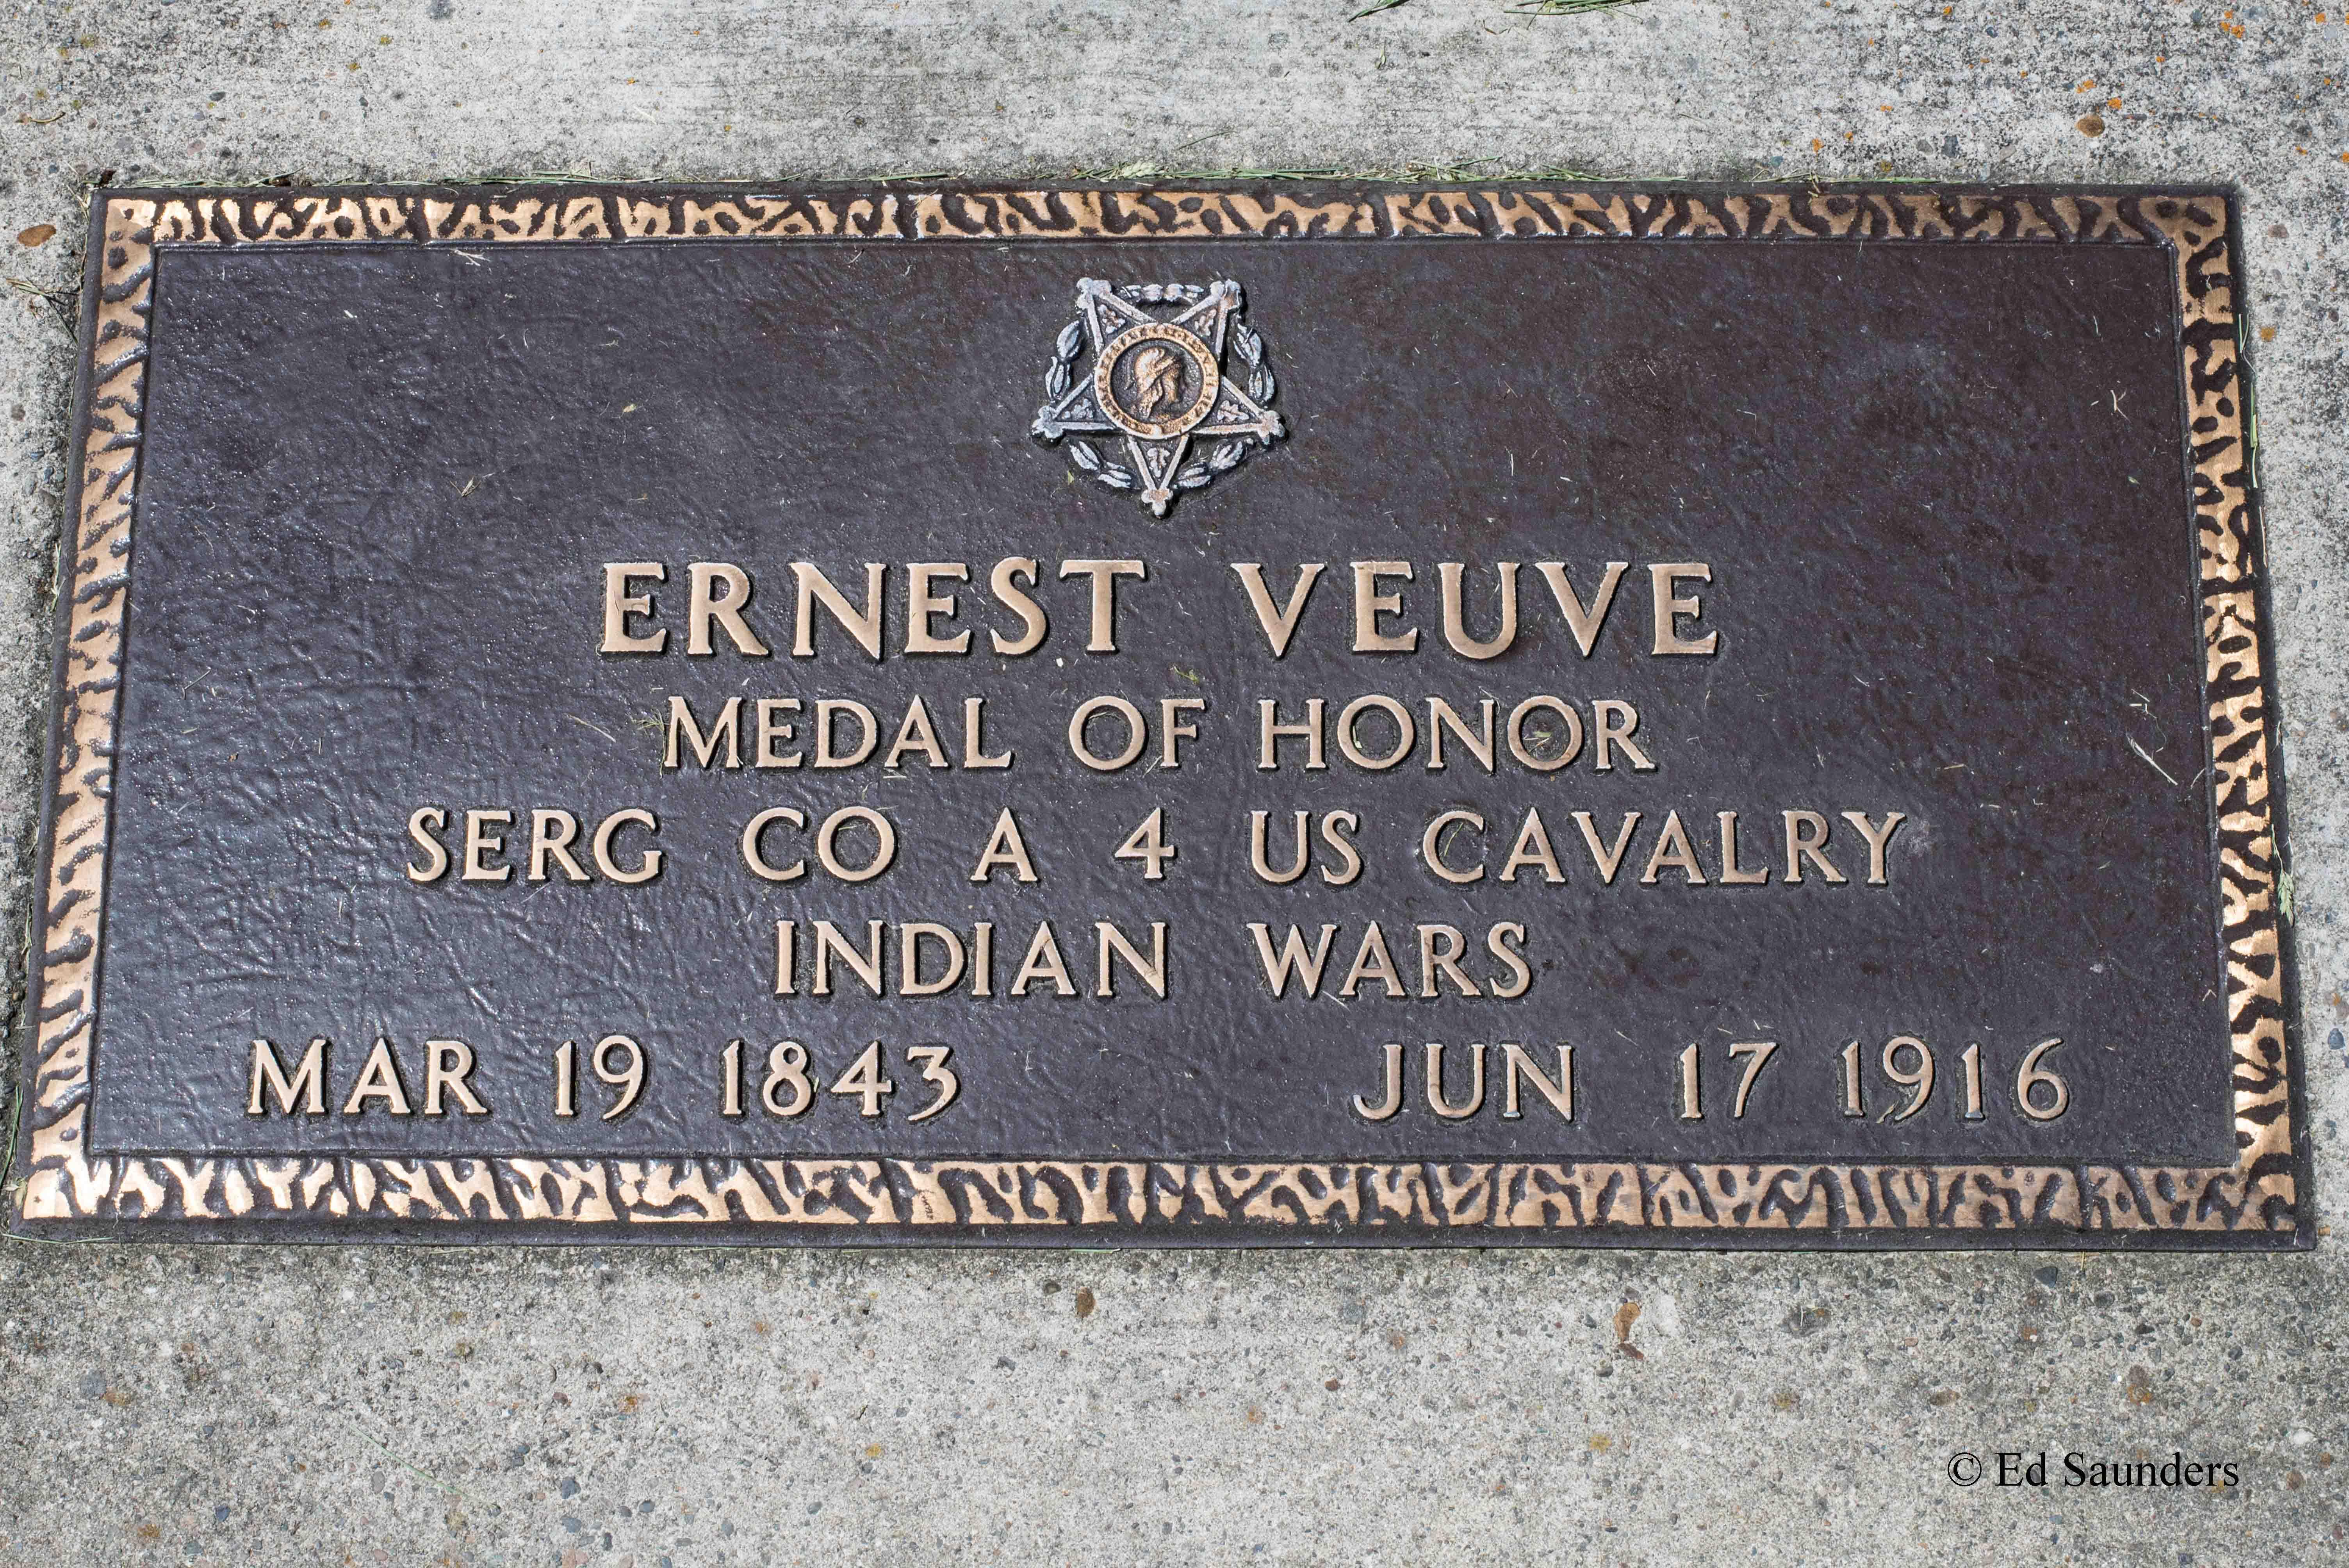 Ernest Veuve